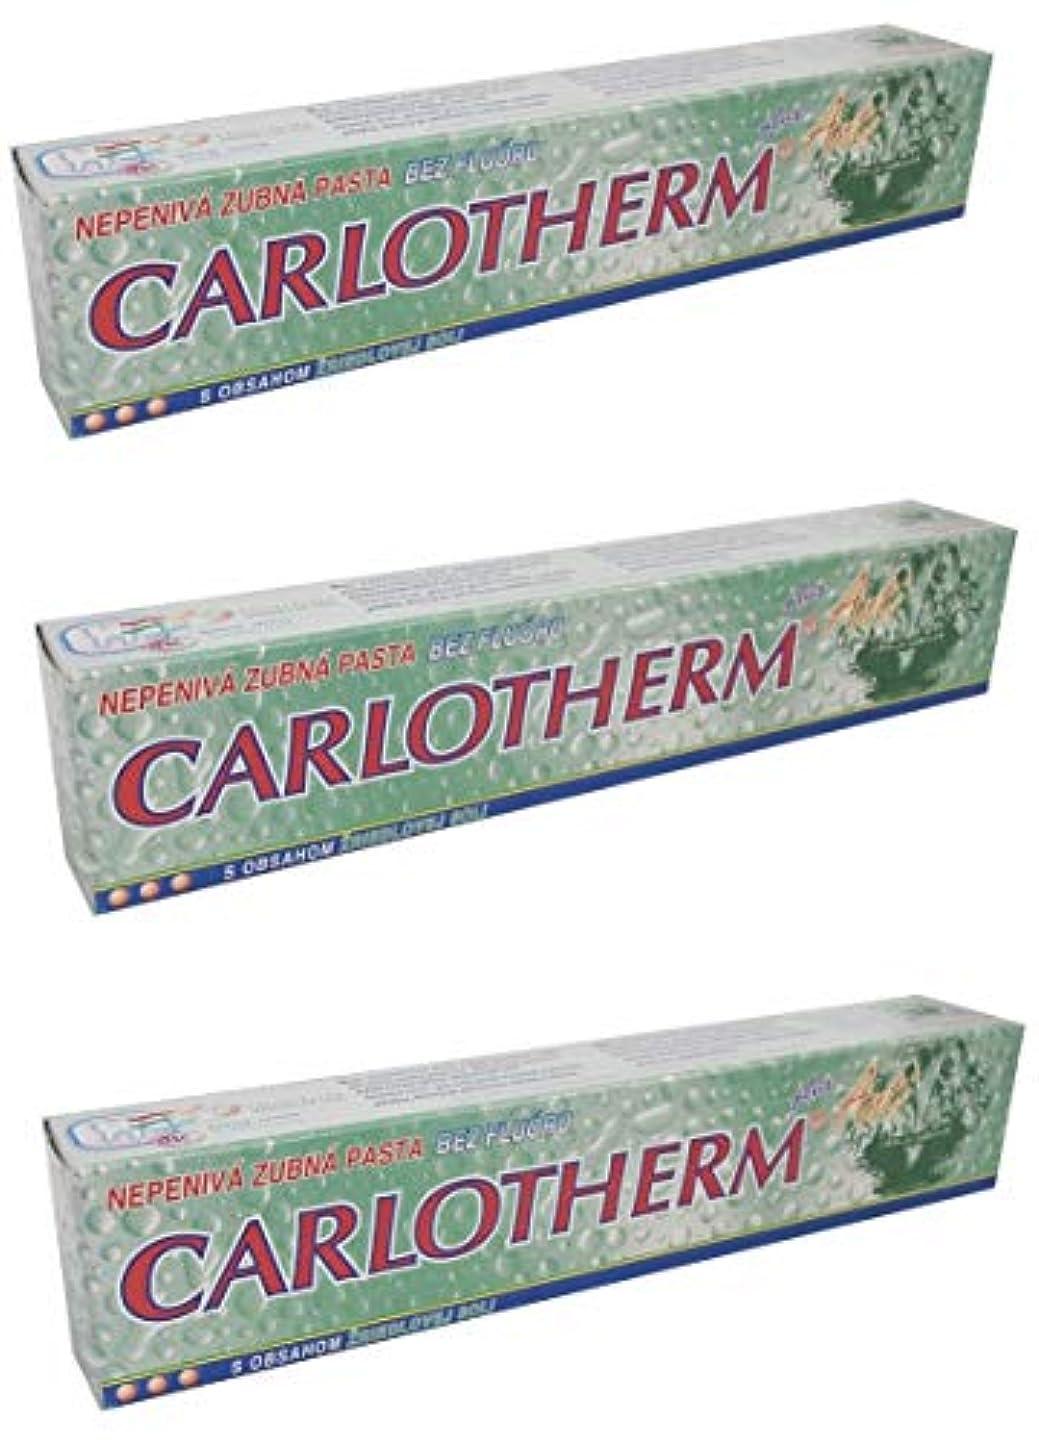 困難口頭電化するCarlotherm (フッ素フリー)ペパーミントオイルとサーマルソルト ハミガキ粉 147g x 3個